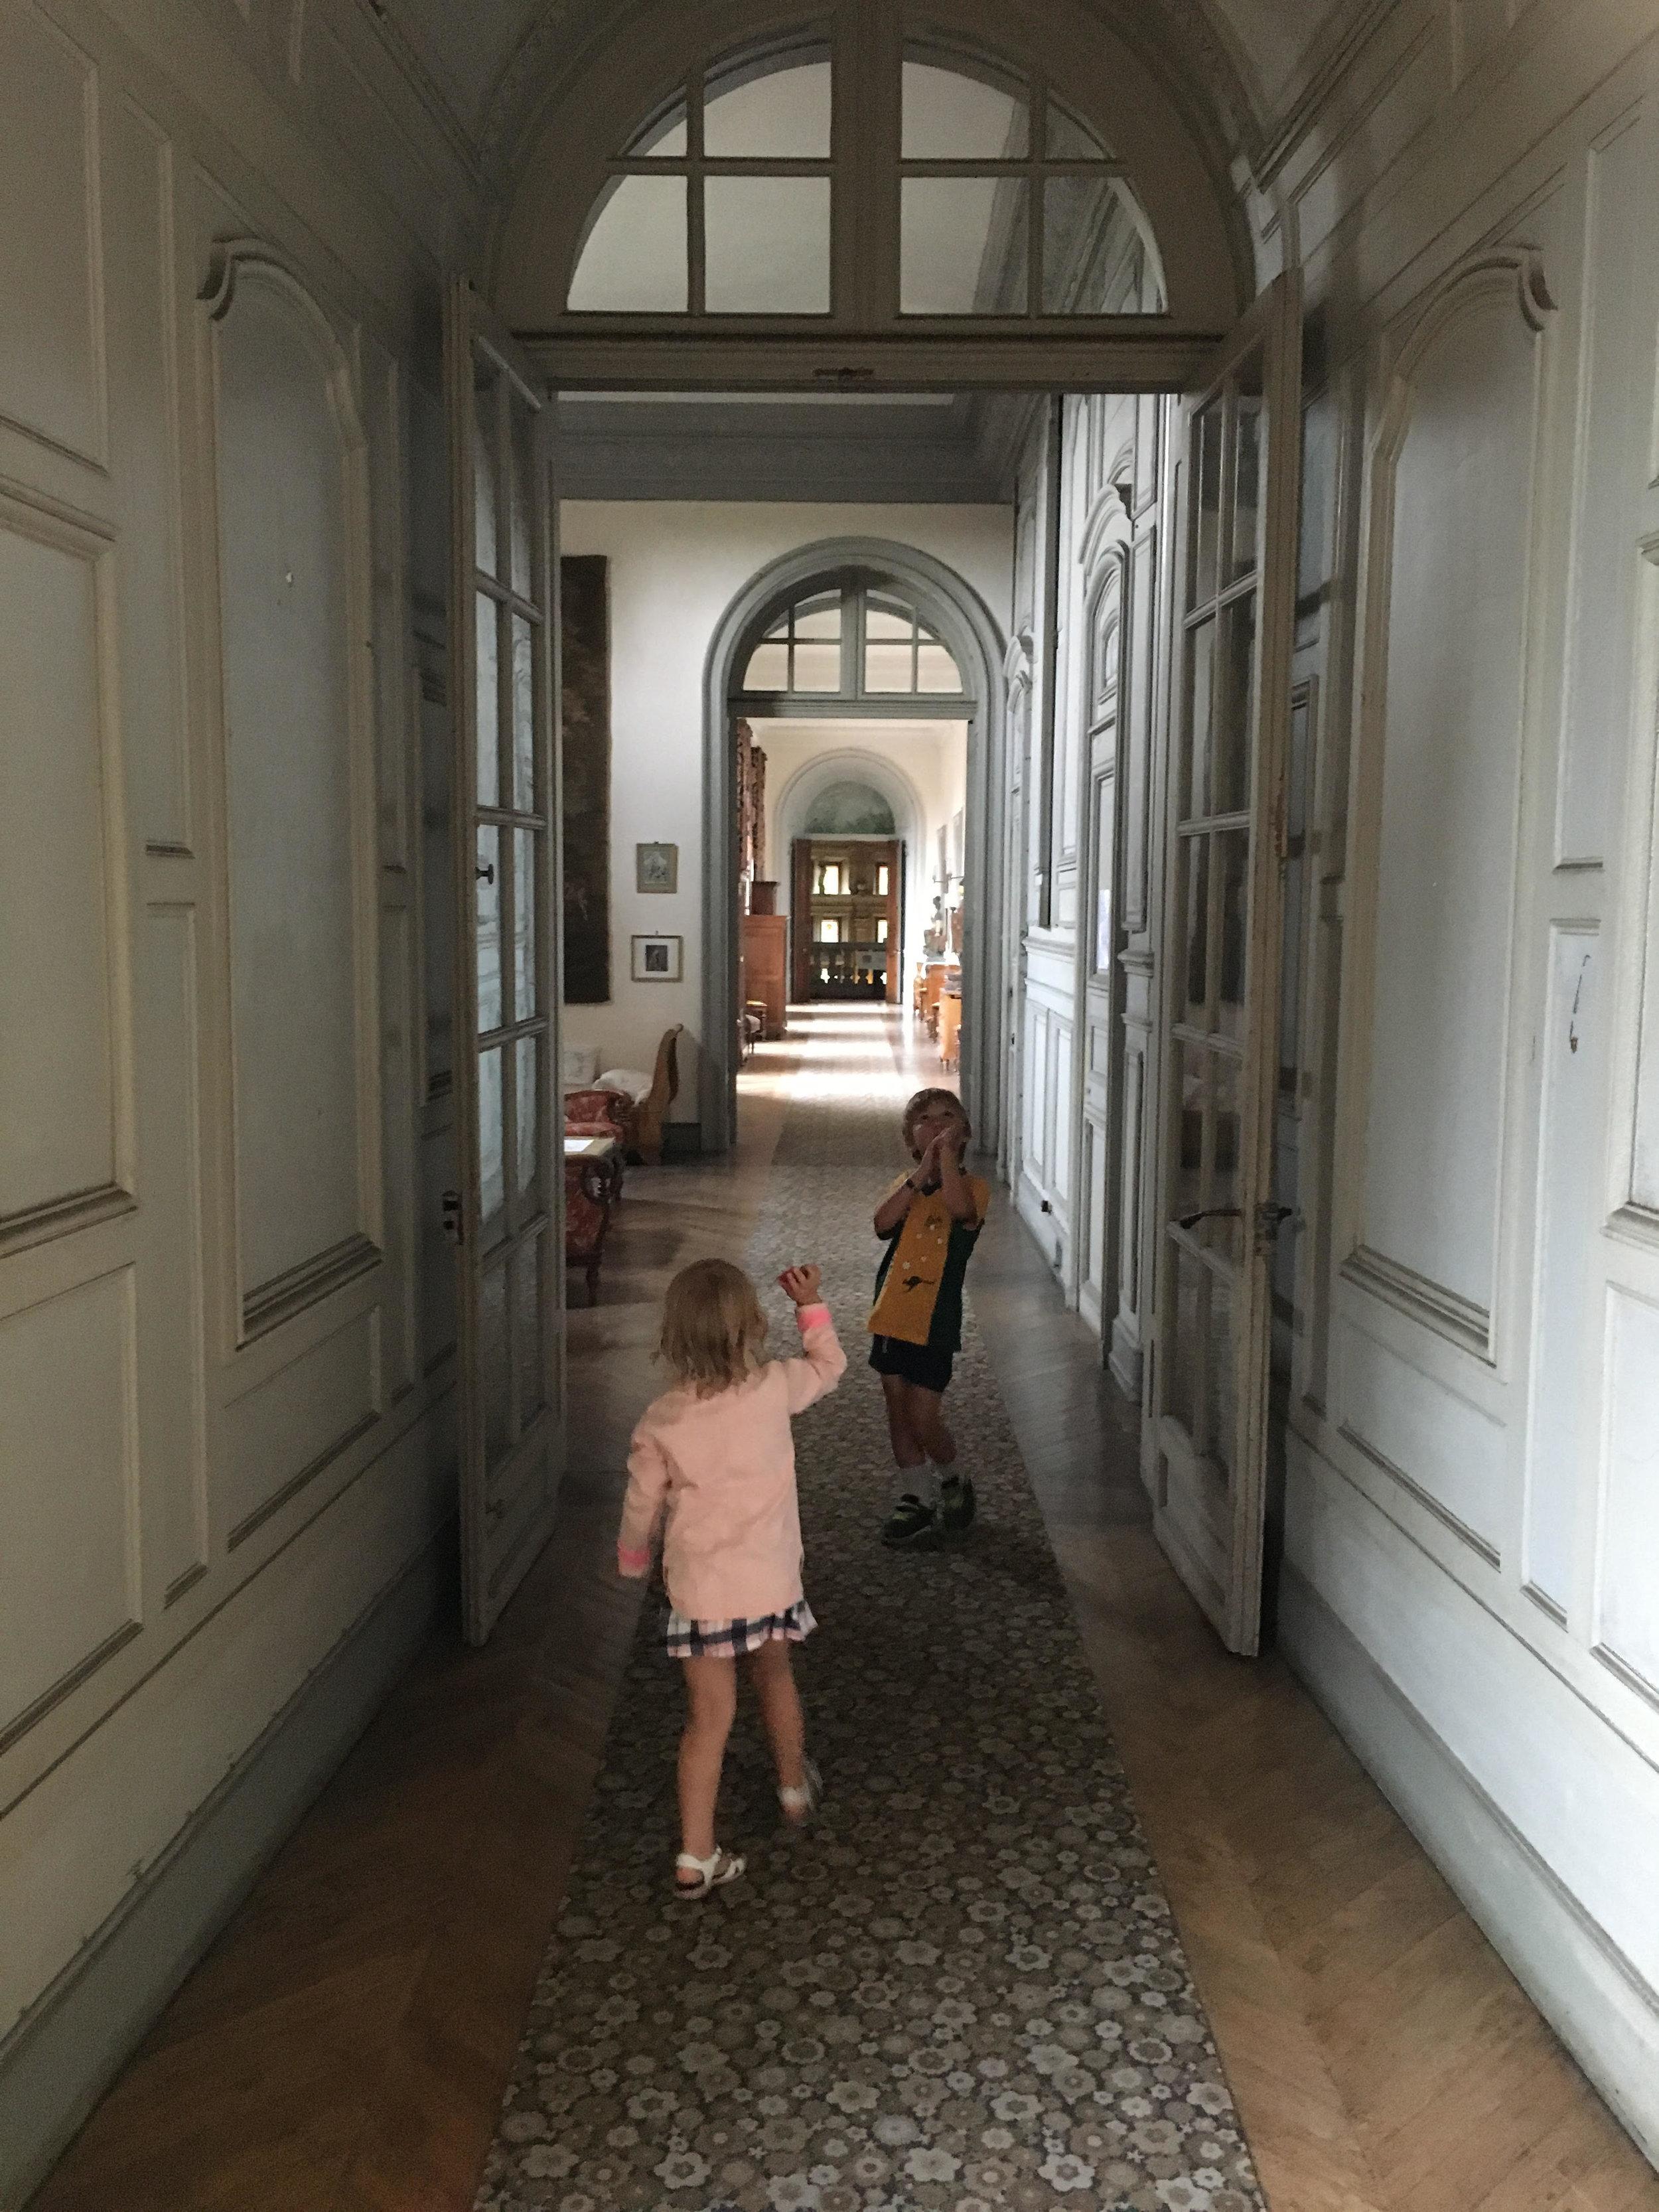 Looong corridor